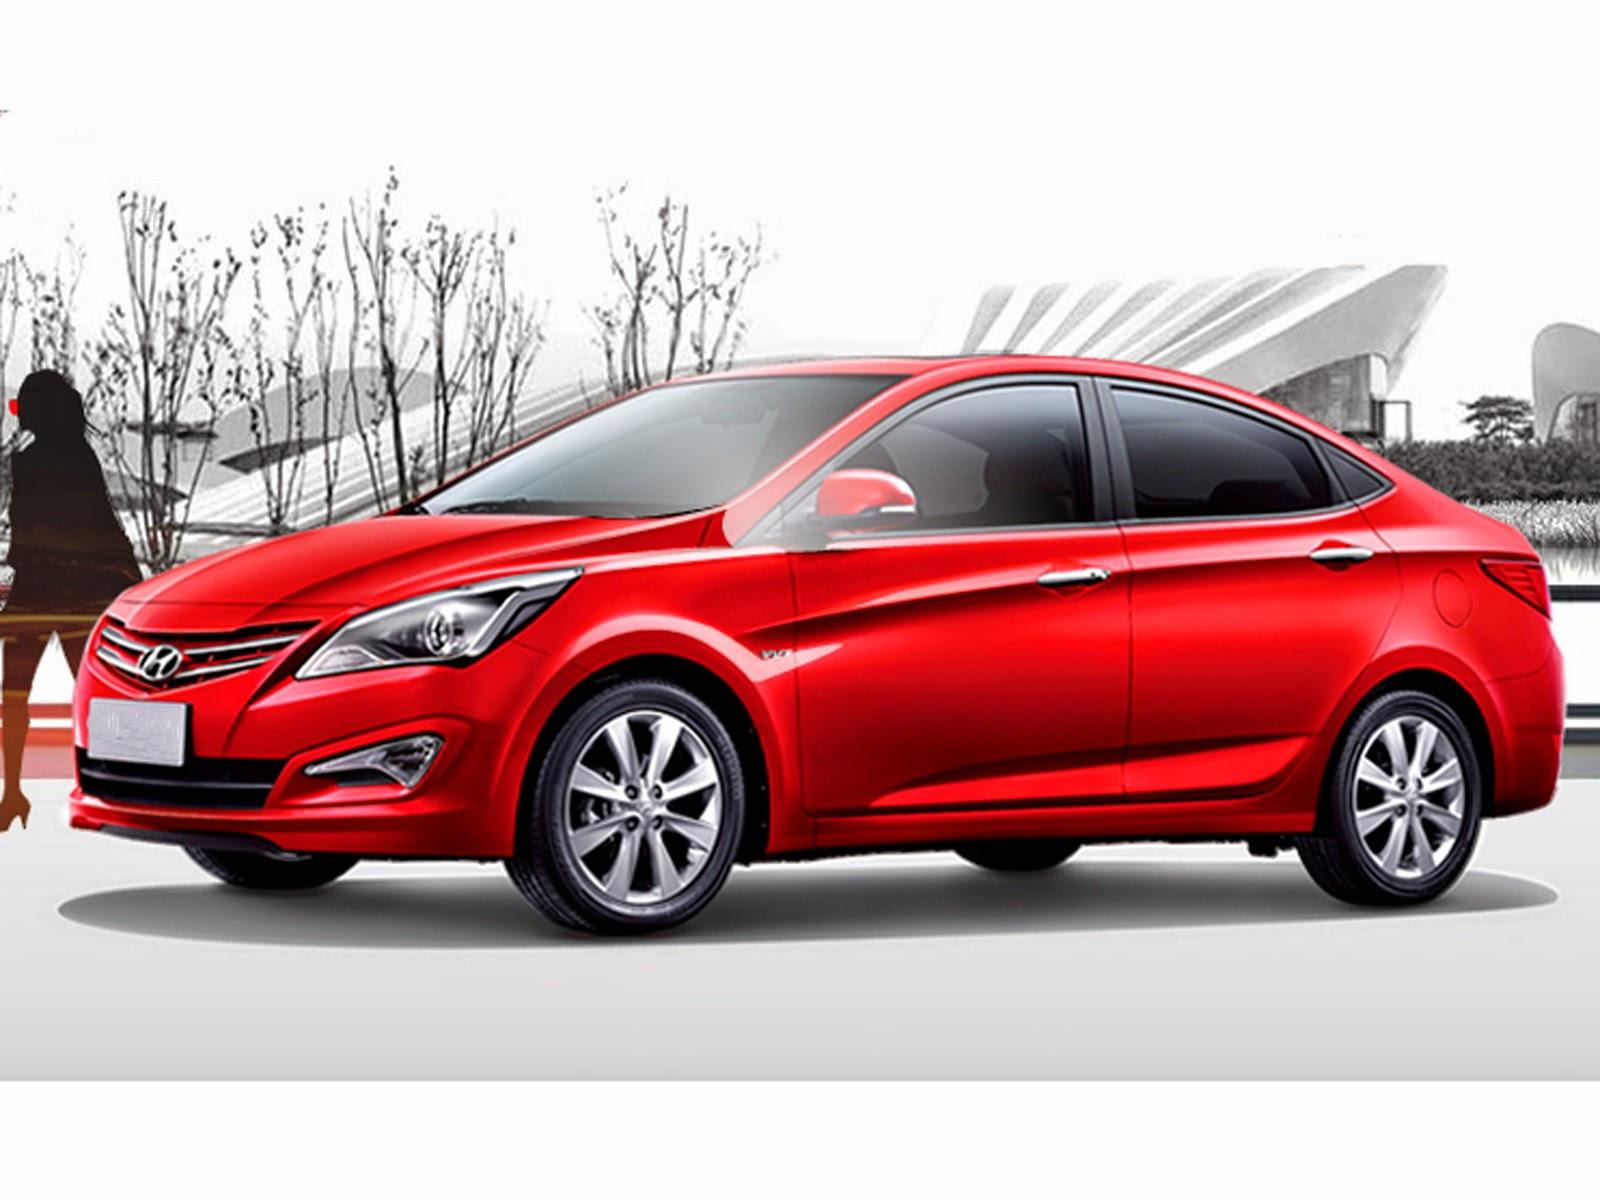 обновленный Hyundai Solaris 2014-2015 года в России